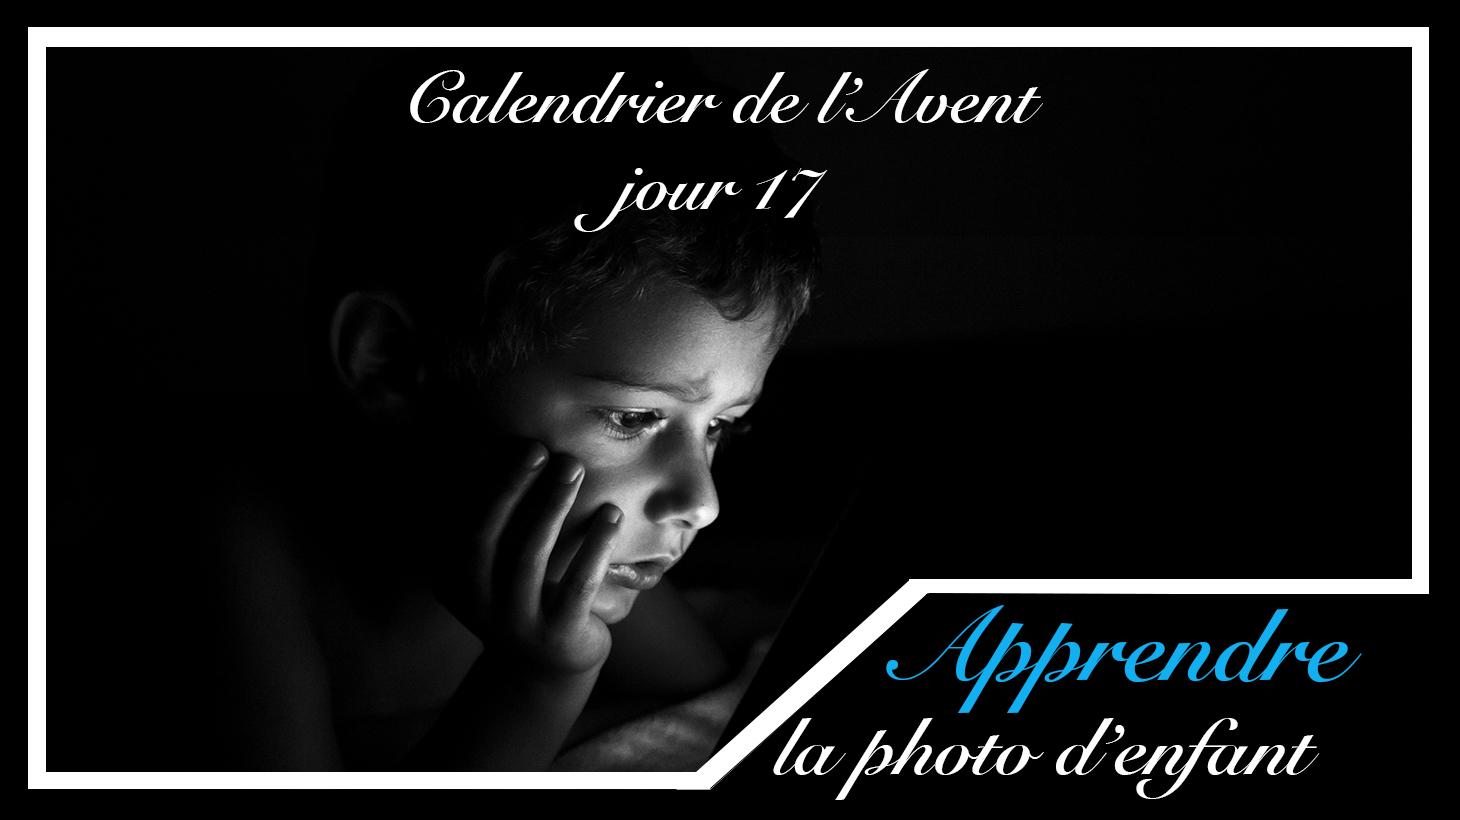 Jour 17 – Calendrier de l'Avent spécial Photo d'enfant